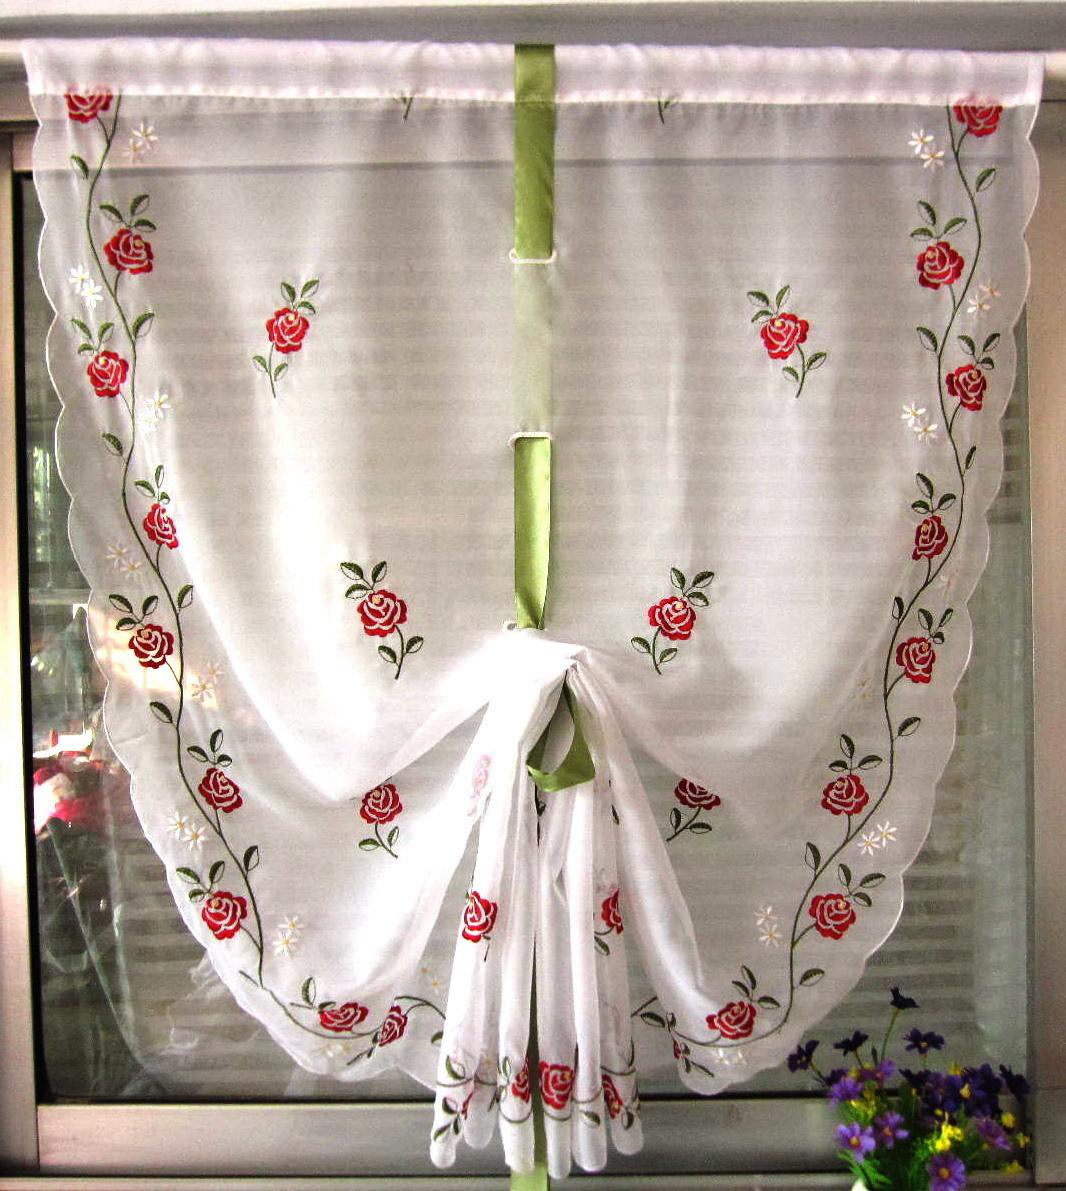 Занавески создают уютную домашнюю атмосферу, изготавливаются из натуральных тканей(хлопок и лен) и часто имеют рисунок: цветочный, в клетку и полоску.